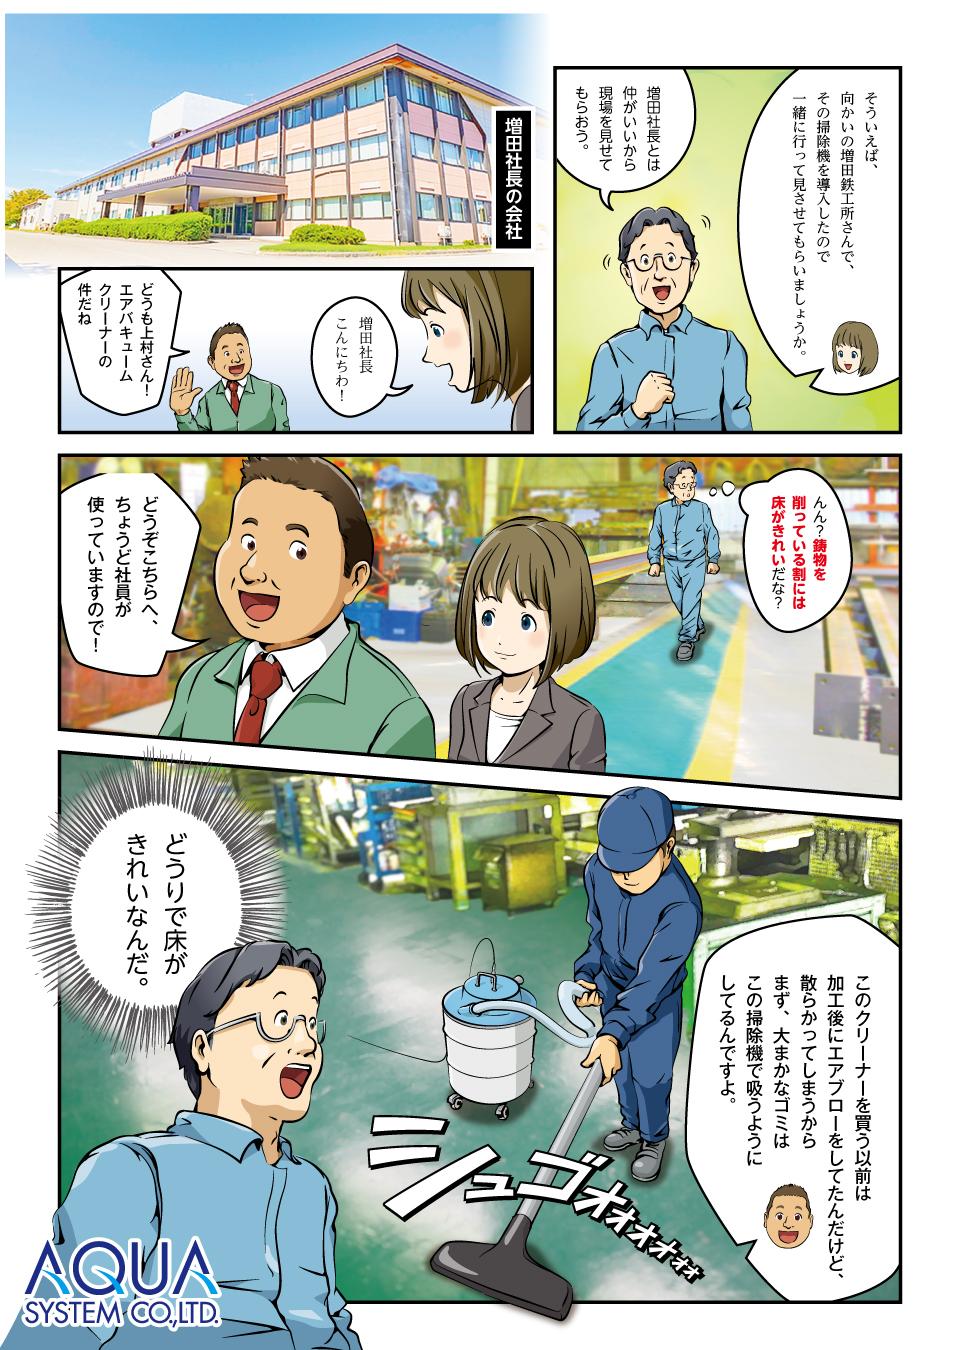 バキュームクリーナー漫画2ぺージ